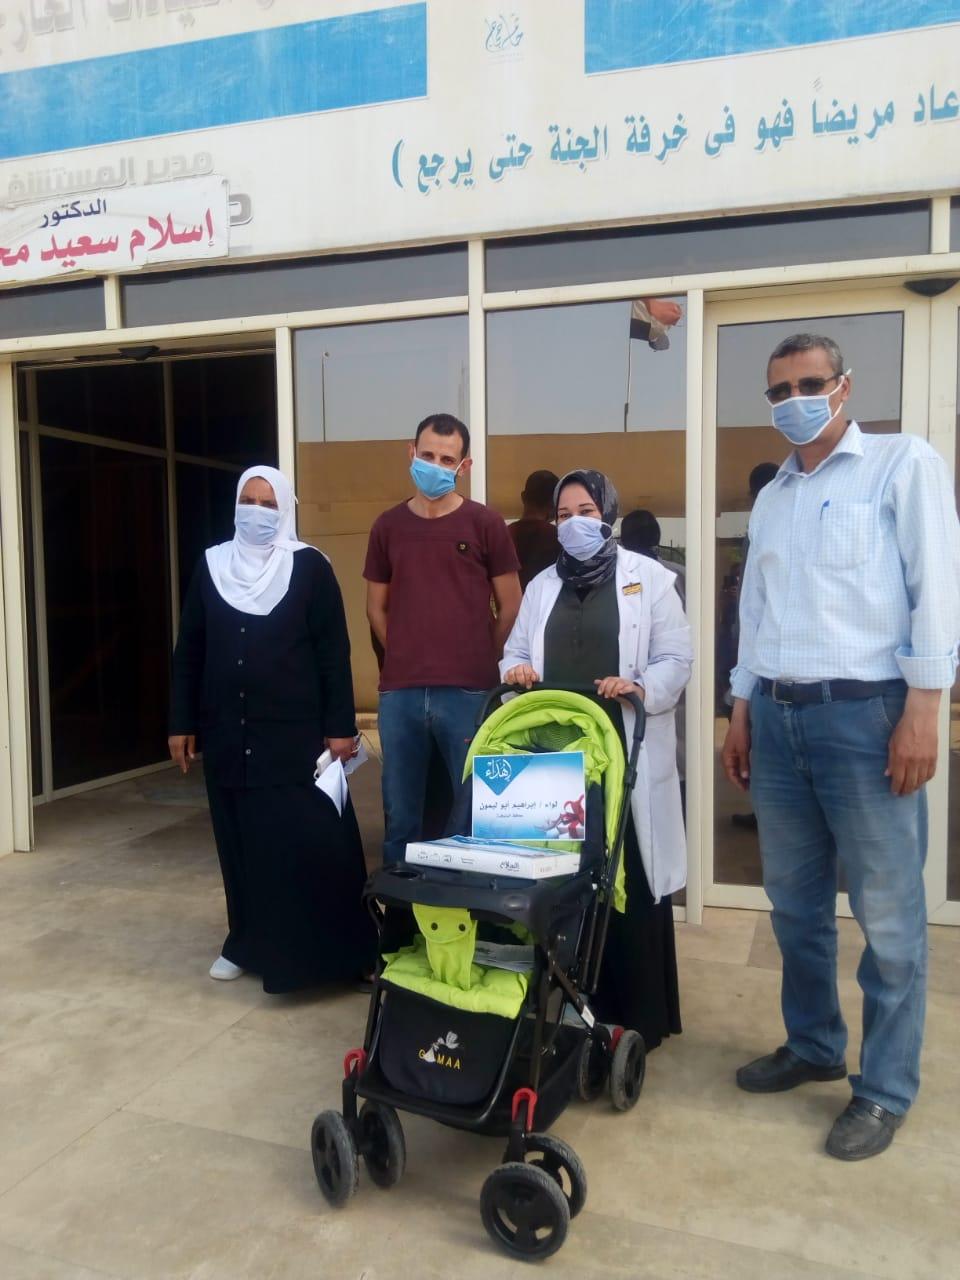 عجلة وكوفرته هدية محافظ المنوفية لأول مولود داخل العزل الصحي بالباجور (6)